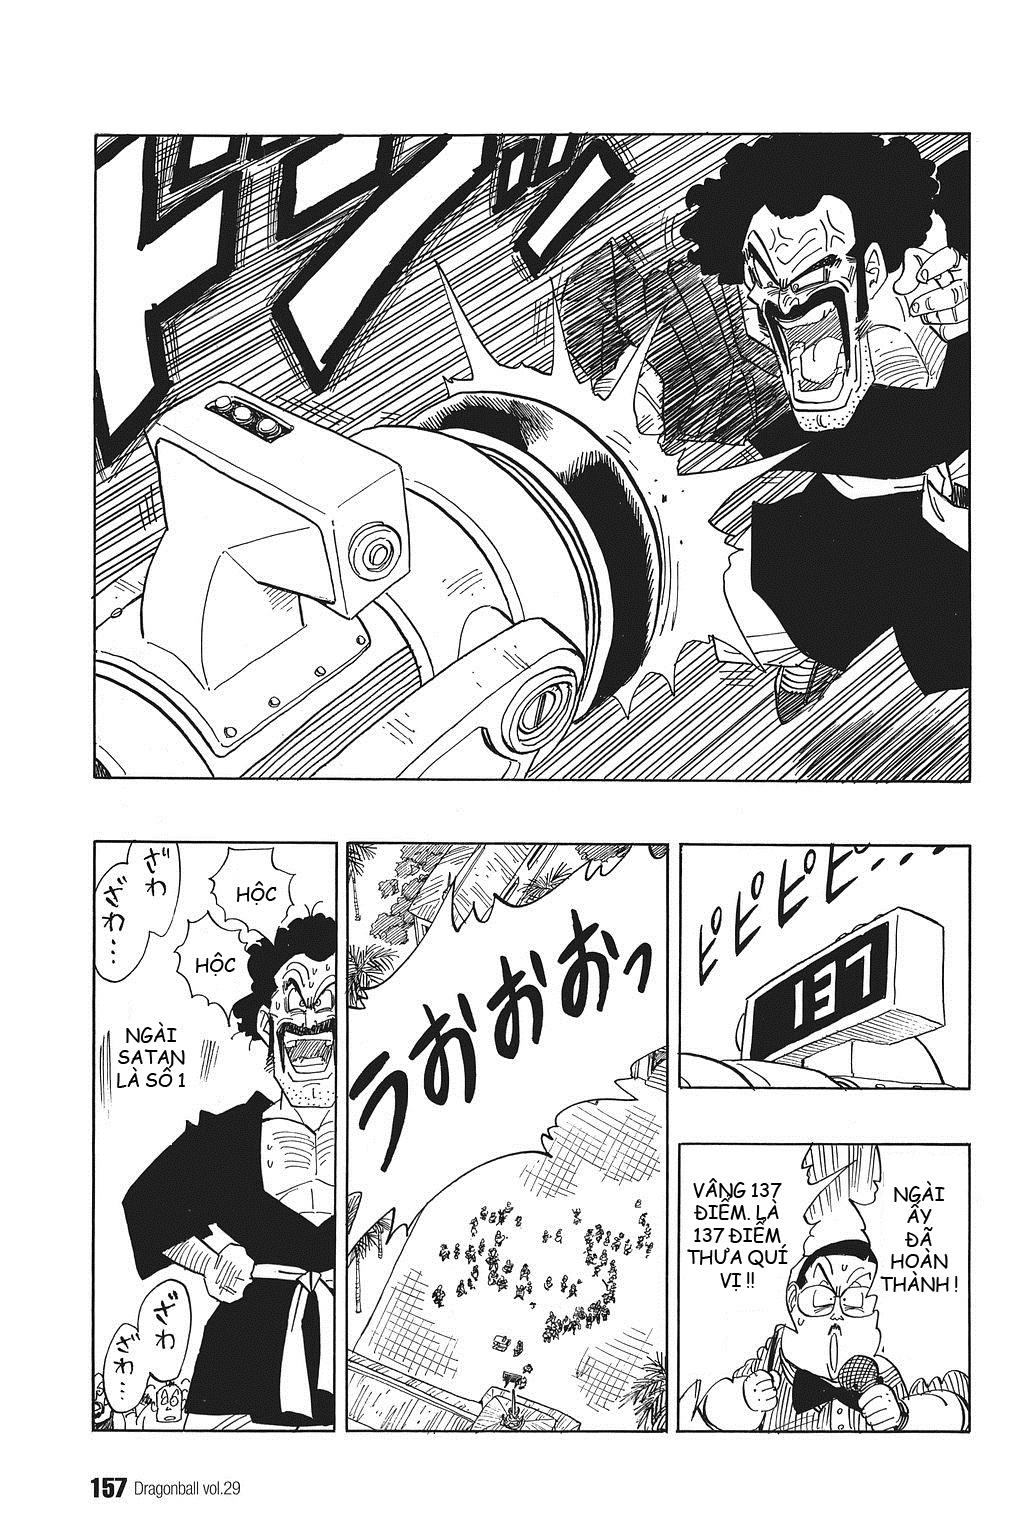 xem truyen moi - Dragon Ball Bản Vip - Bản Đẹp Nguyên Gốc Chap 431